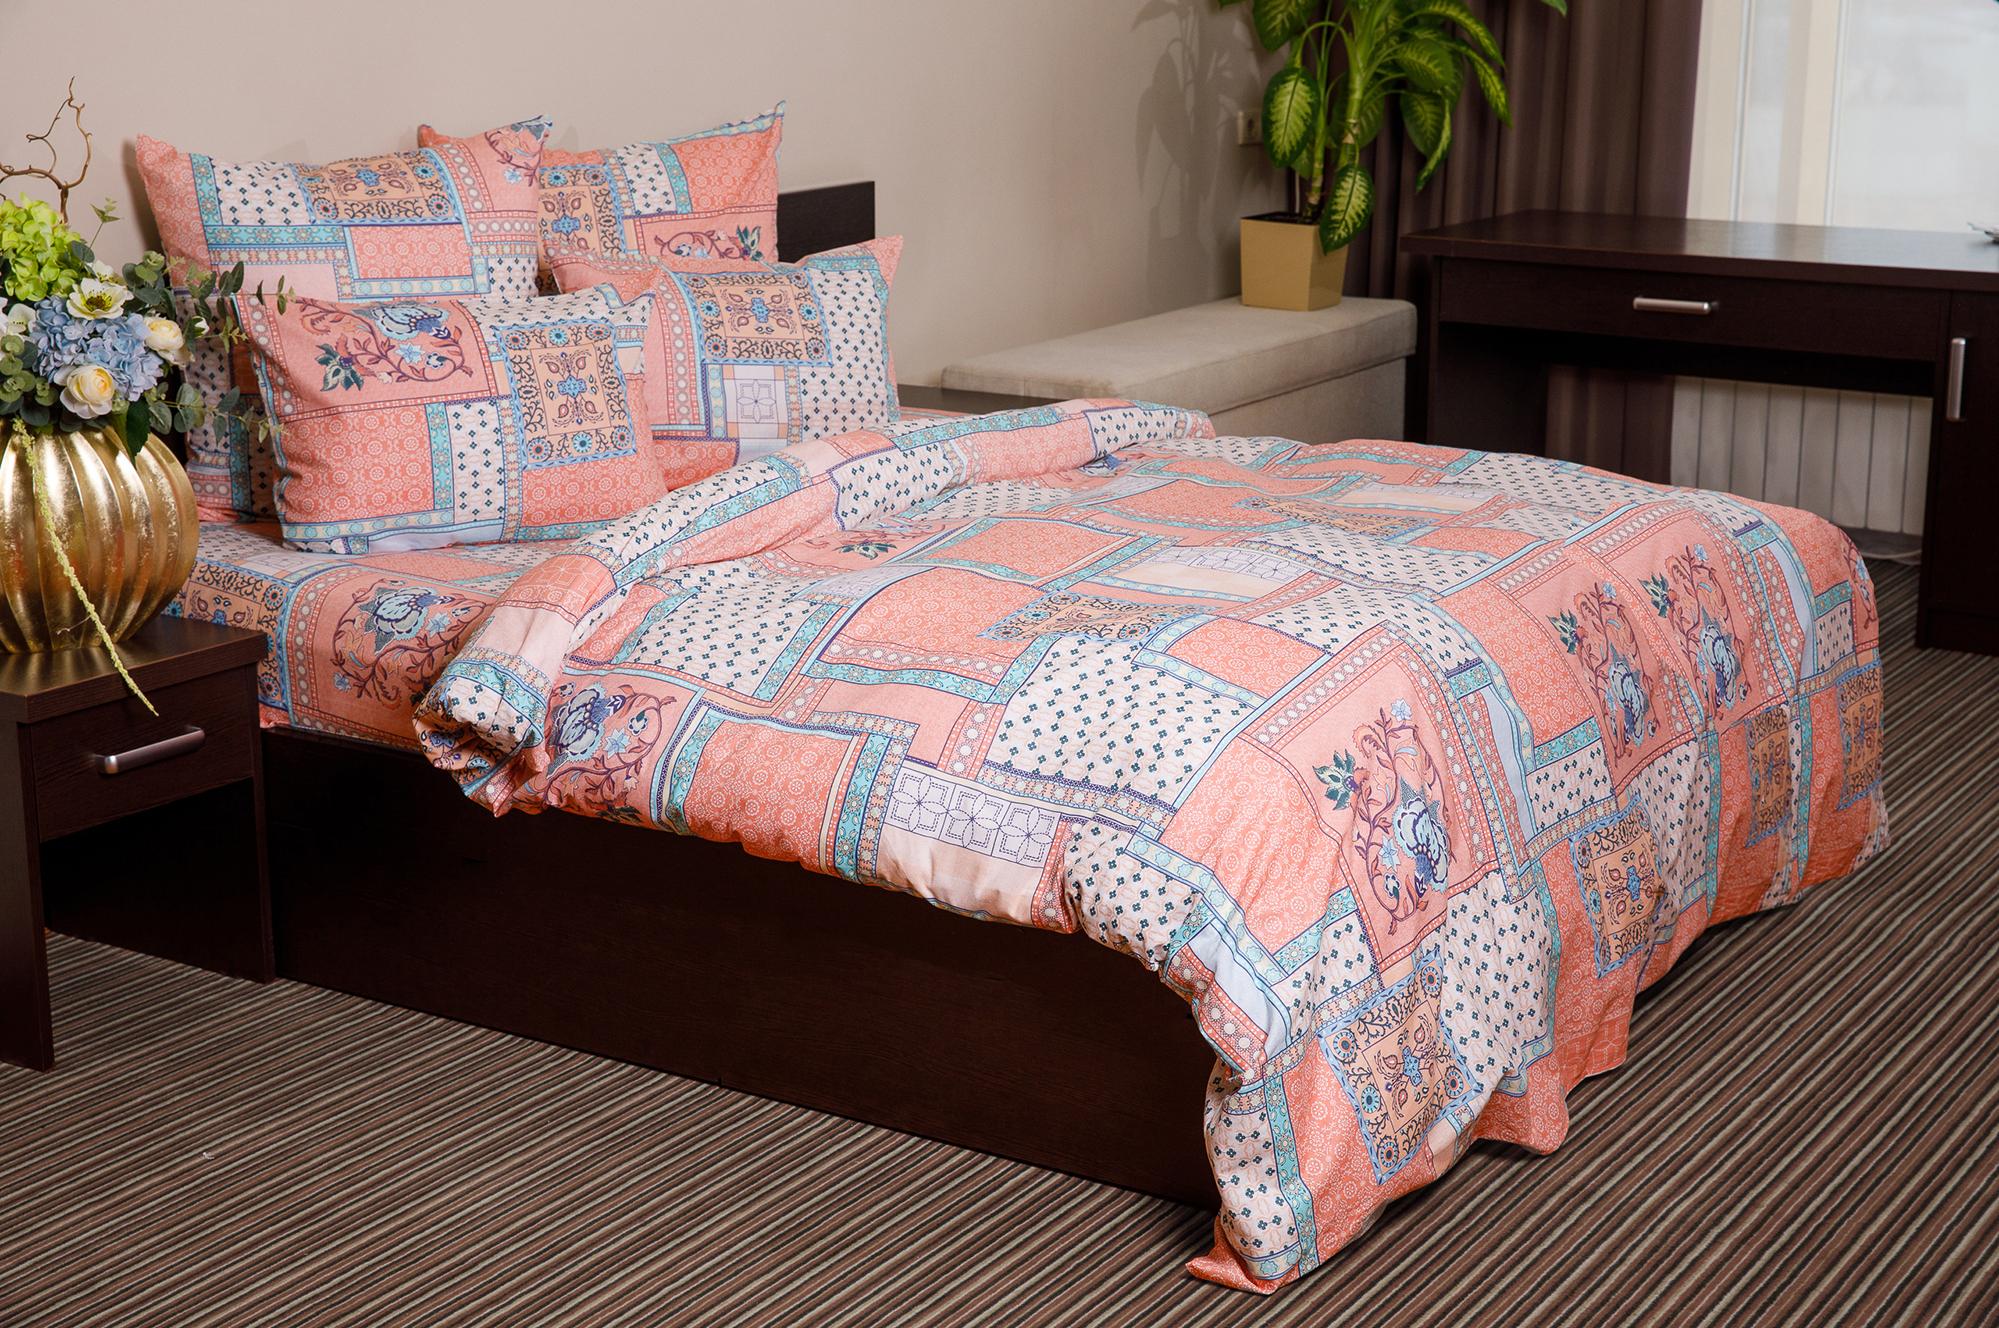 Комплект постельного белья Ночь нежна Alabama Цвет: Розовый (2 спальное)